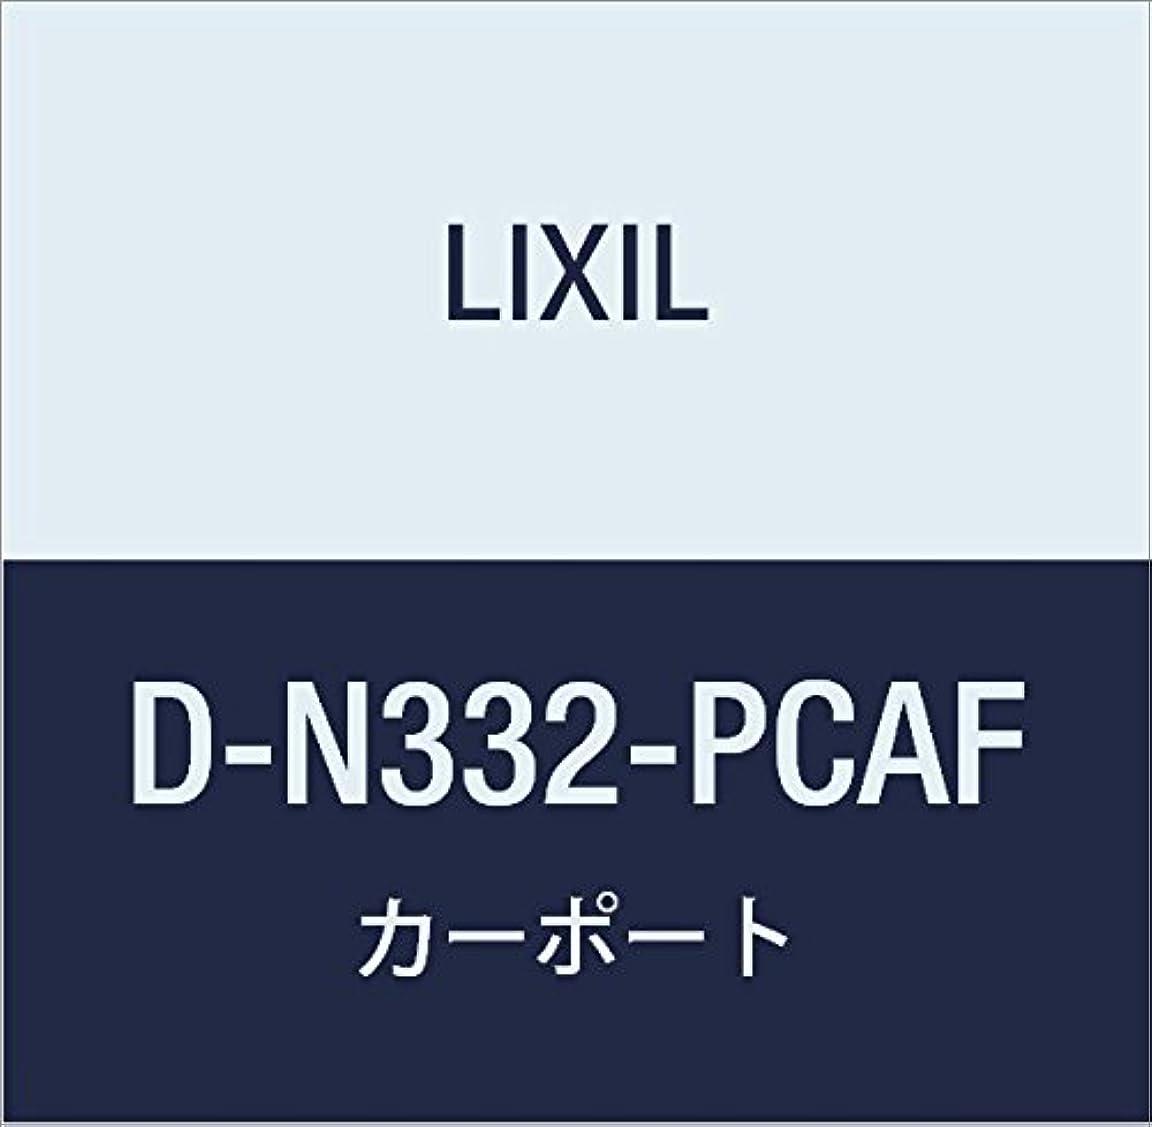 比類なき学期影響LIXIL(リクシル) TOEX テリオスIIIサイドパネル連棟部材セット 2段用 L60D D-N332-PCAF